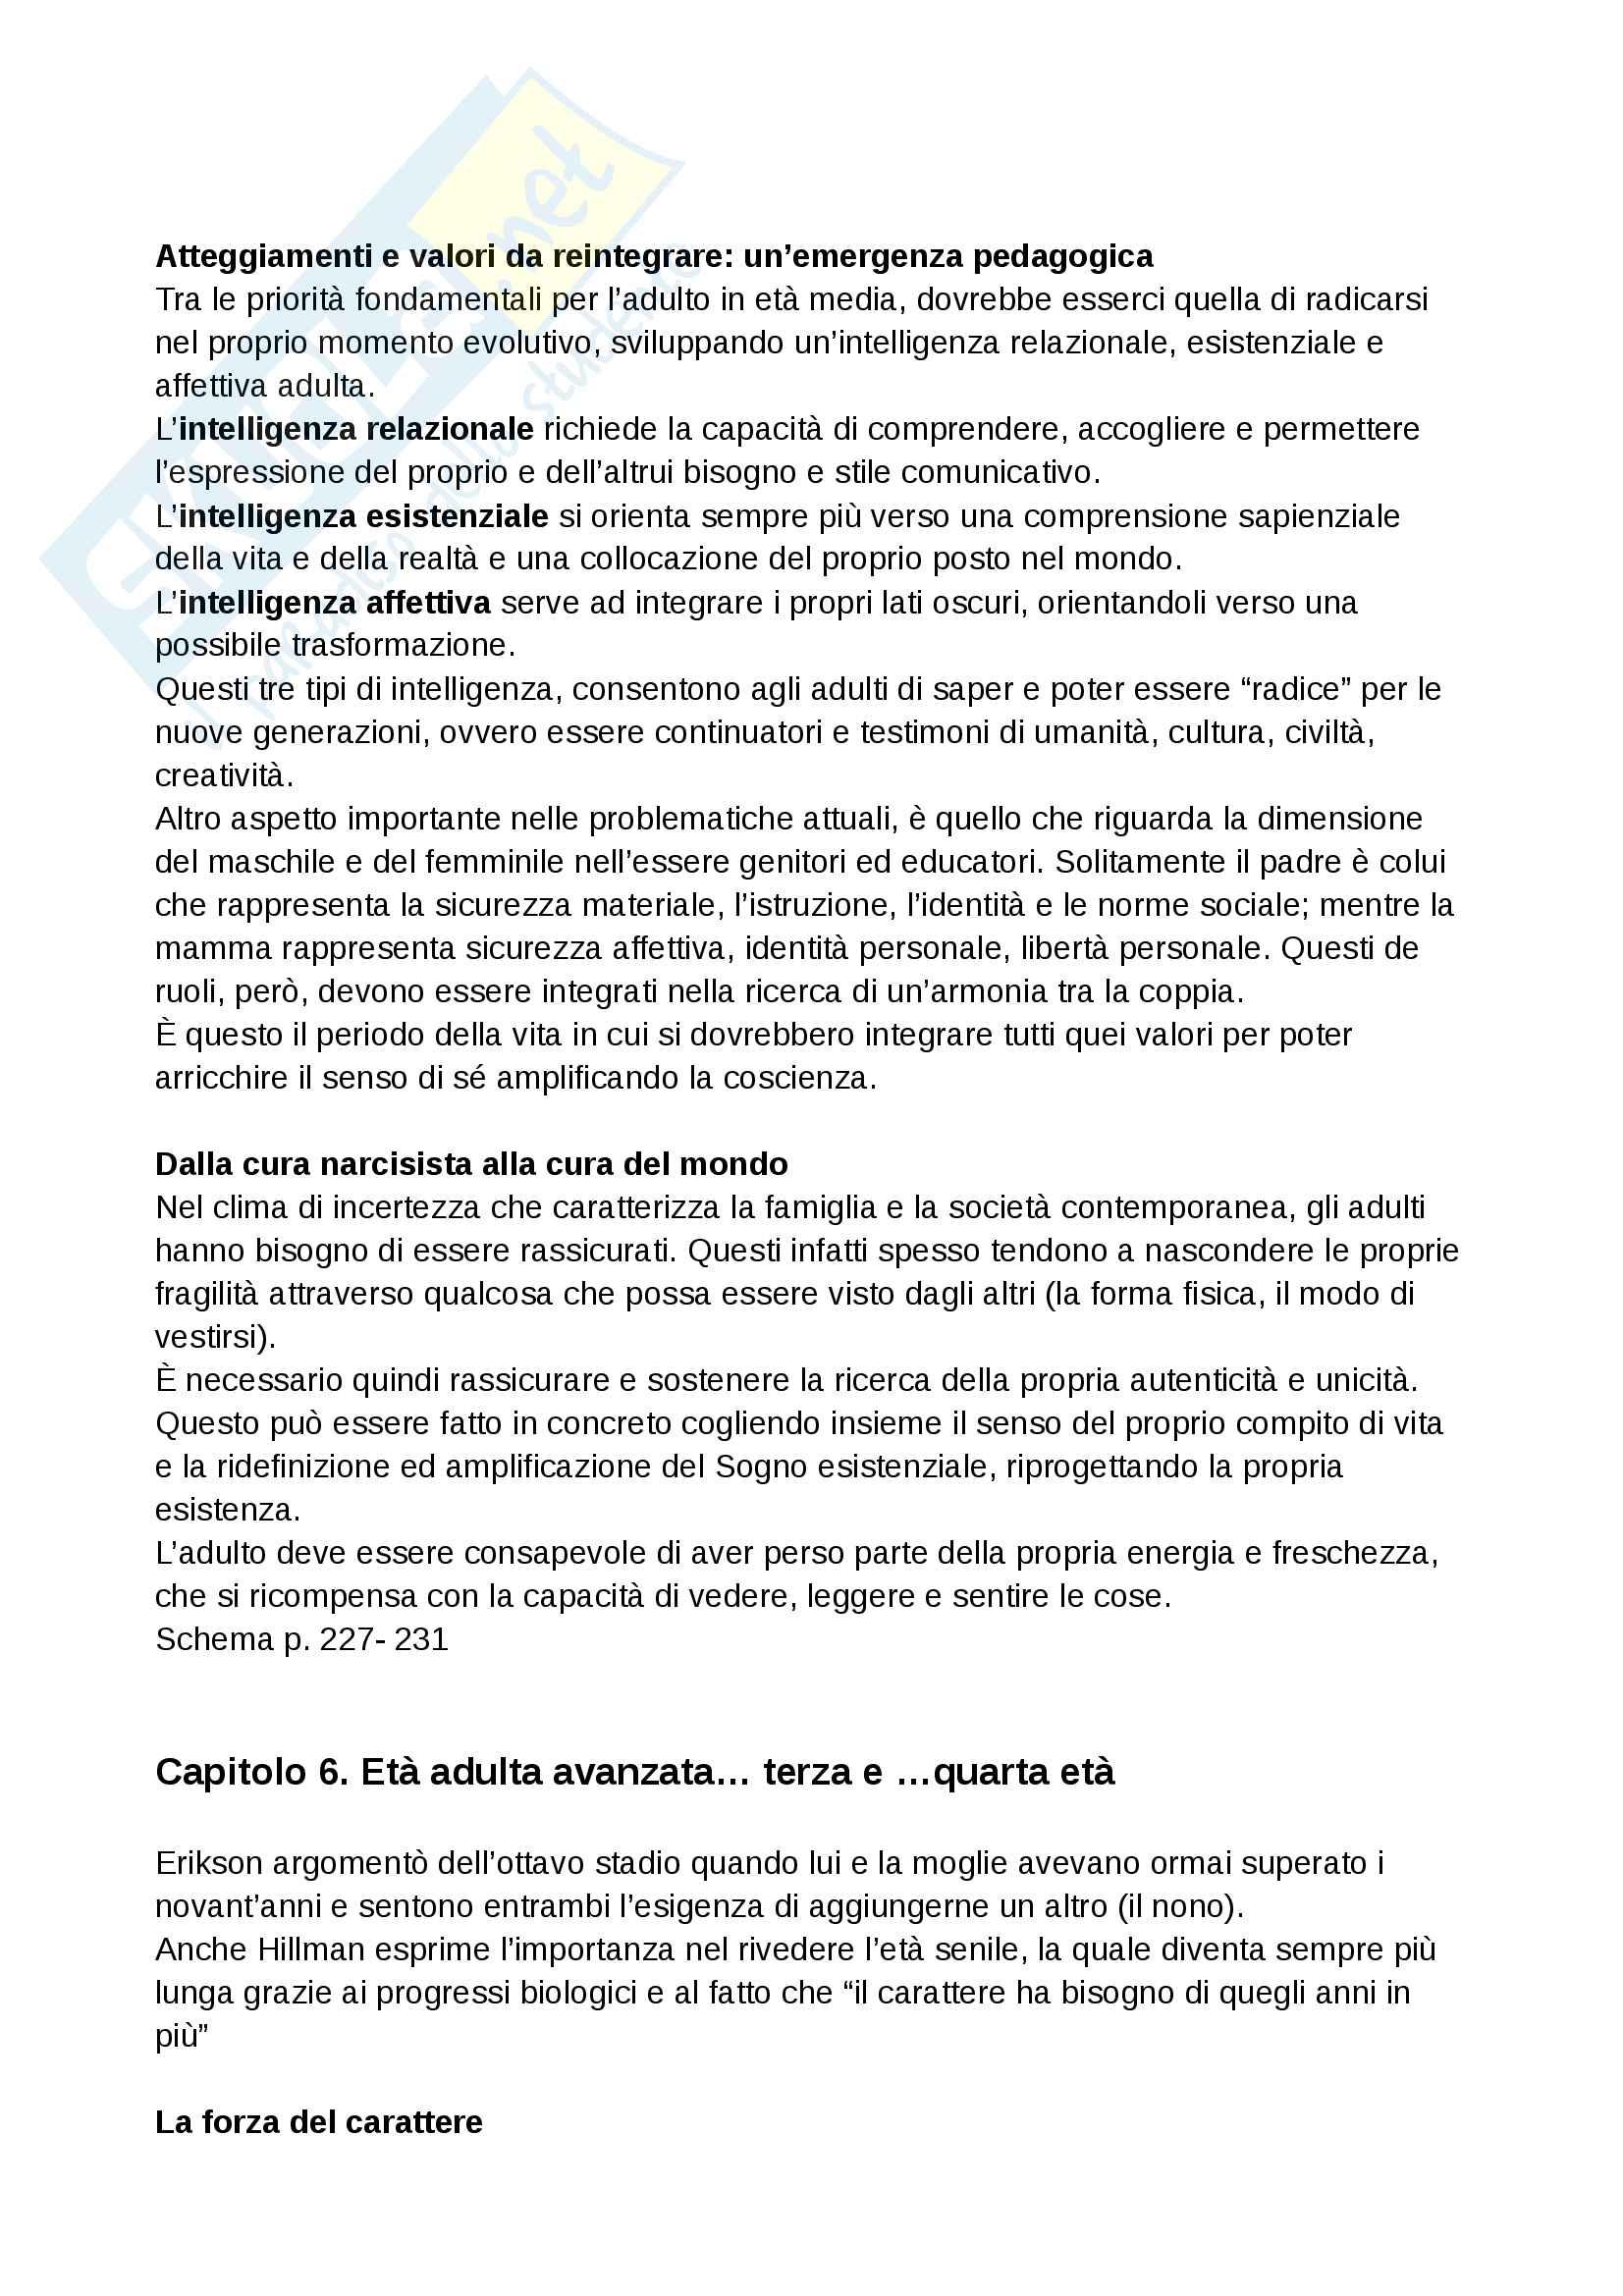 Riassunto esame Pedagogia interculturale, Prof. Naccari, Libro consigliato: Pedagogia dei cicli di vita in età adulta Pag. 11